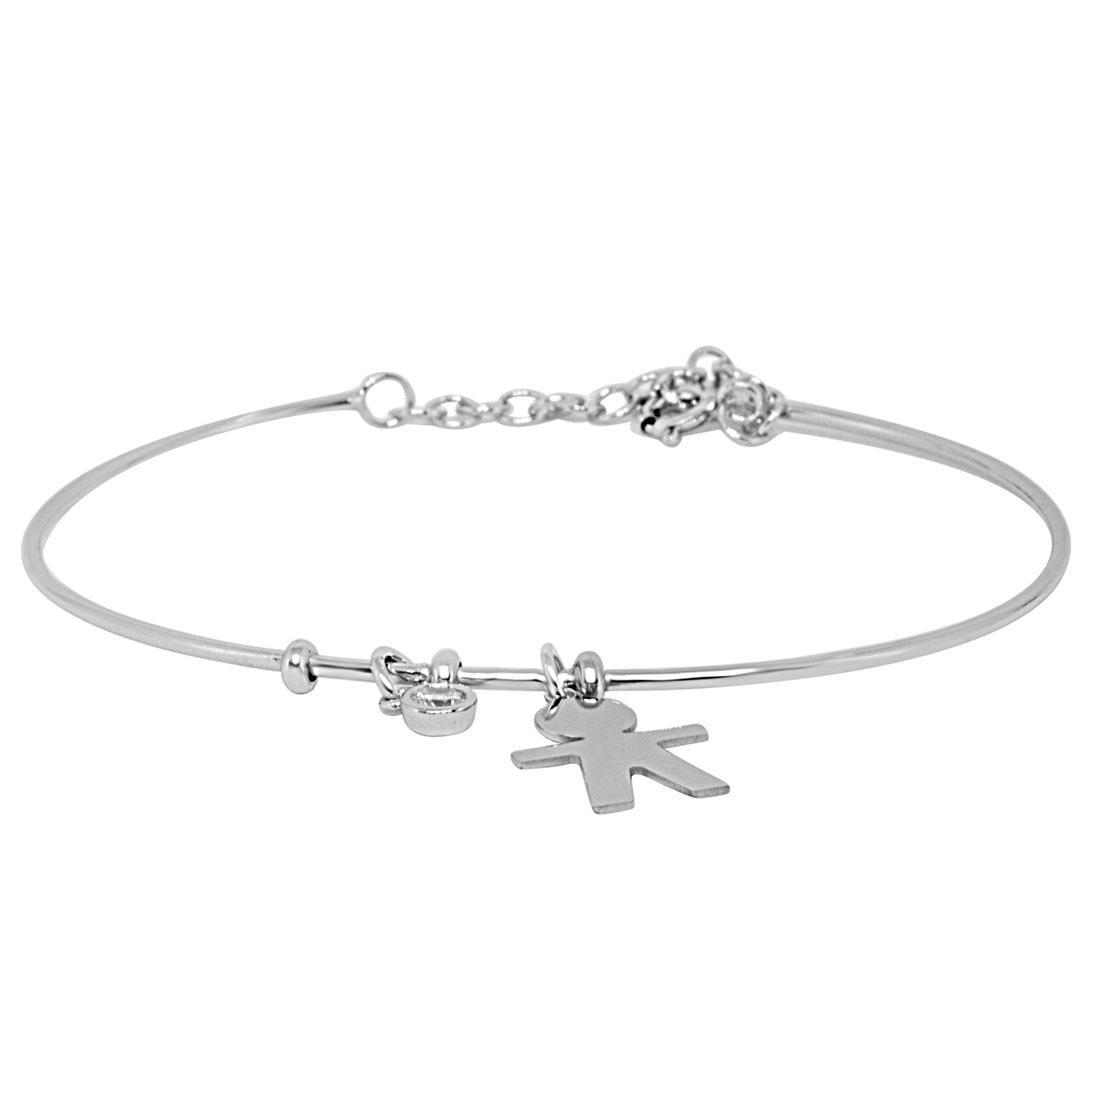 Bracciale in argento rodiato - ORO&CO